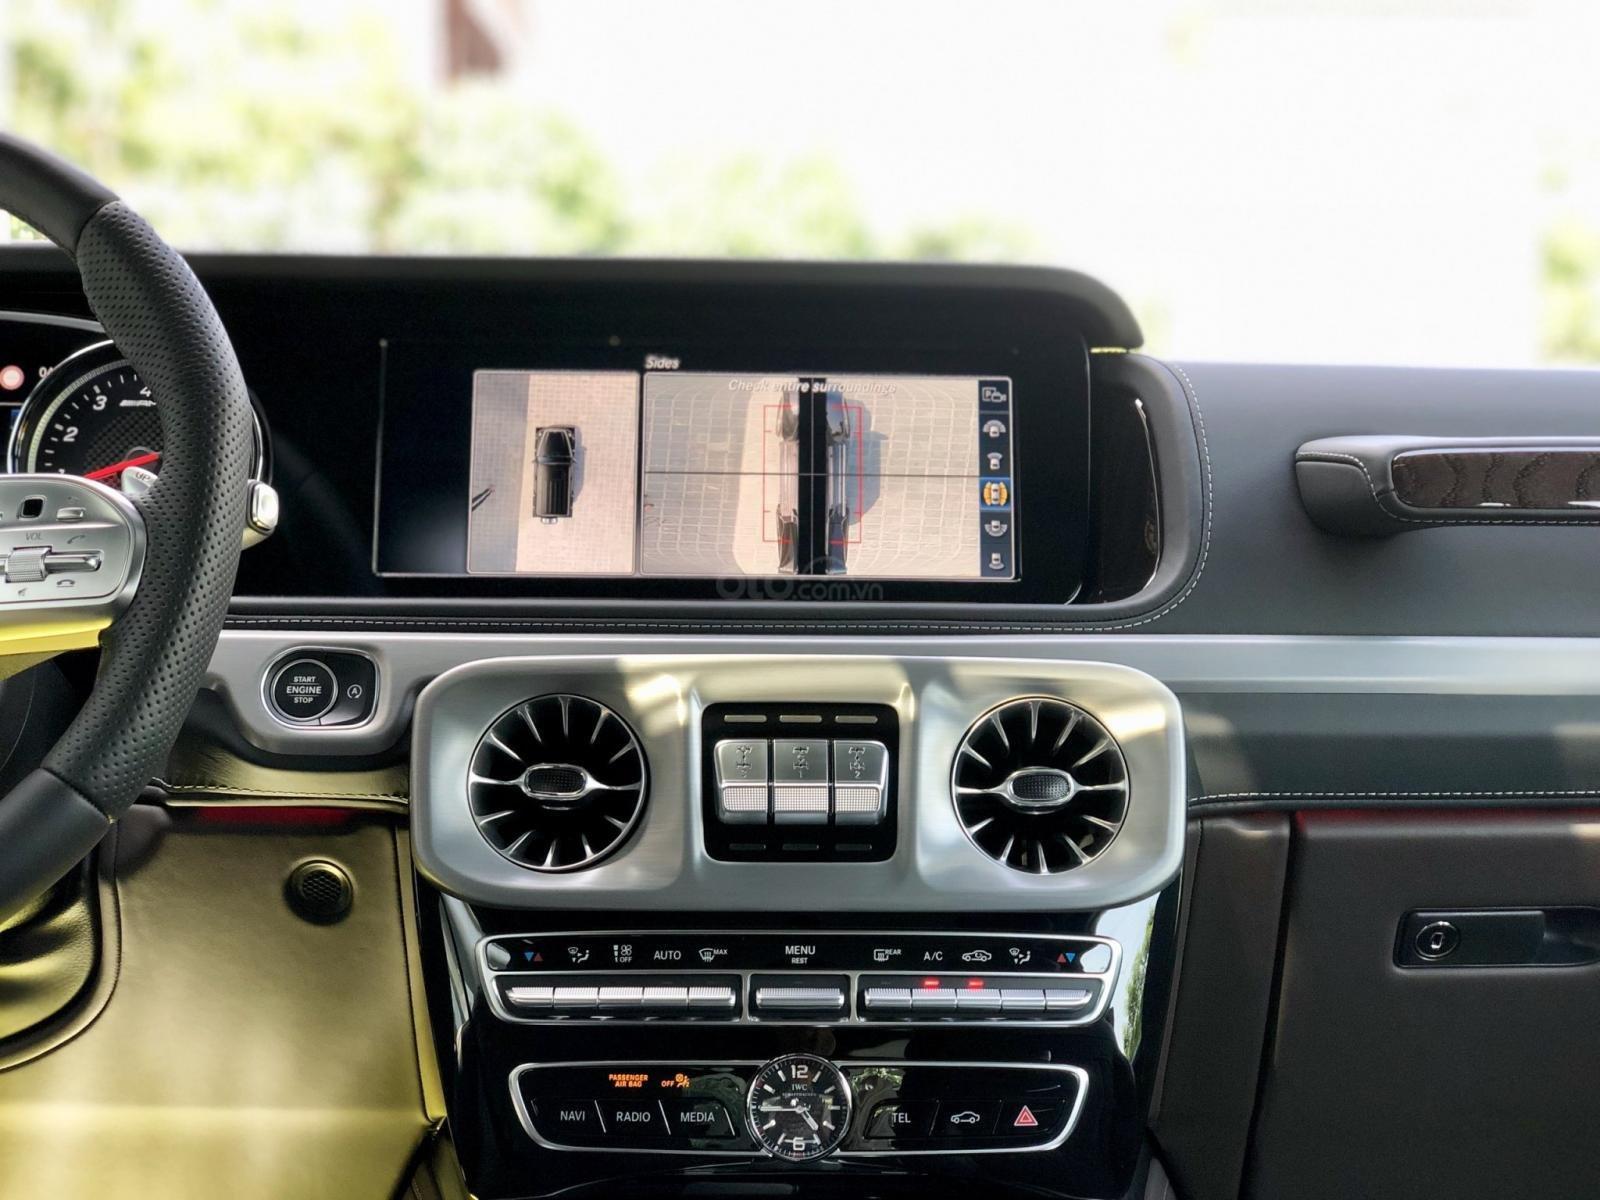 Bán xe Mercedes G63 AMG  2019, giá tốt, giao ngay toàn quốc. LH: 093.996.2368 Ms Ngọc Vy (13)